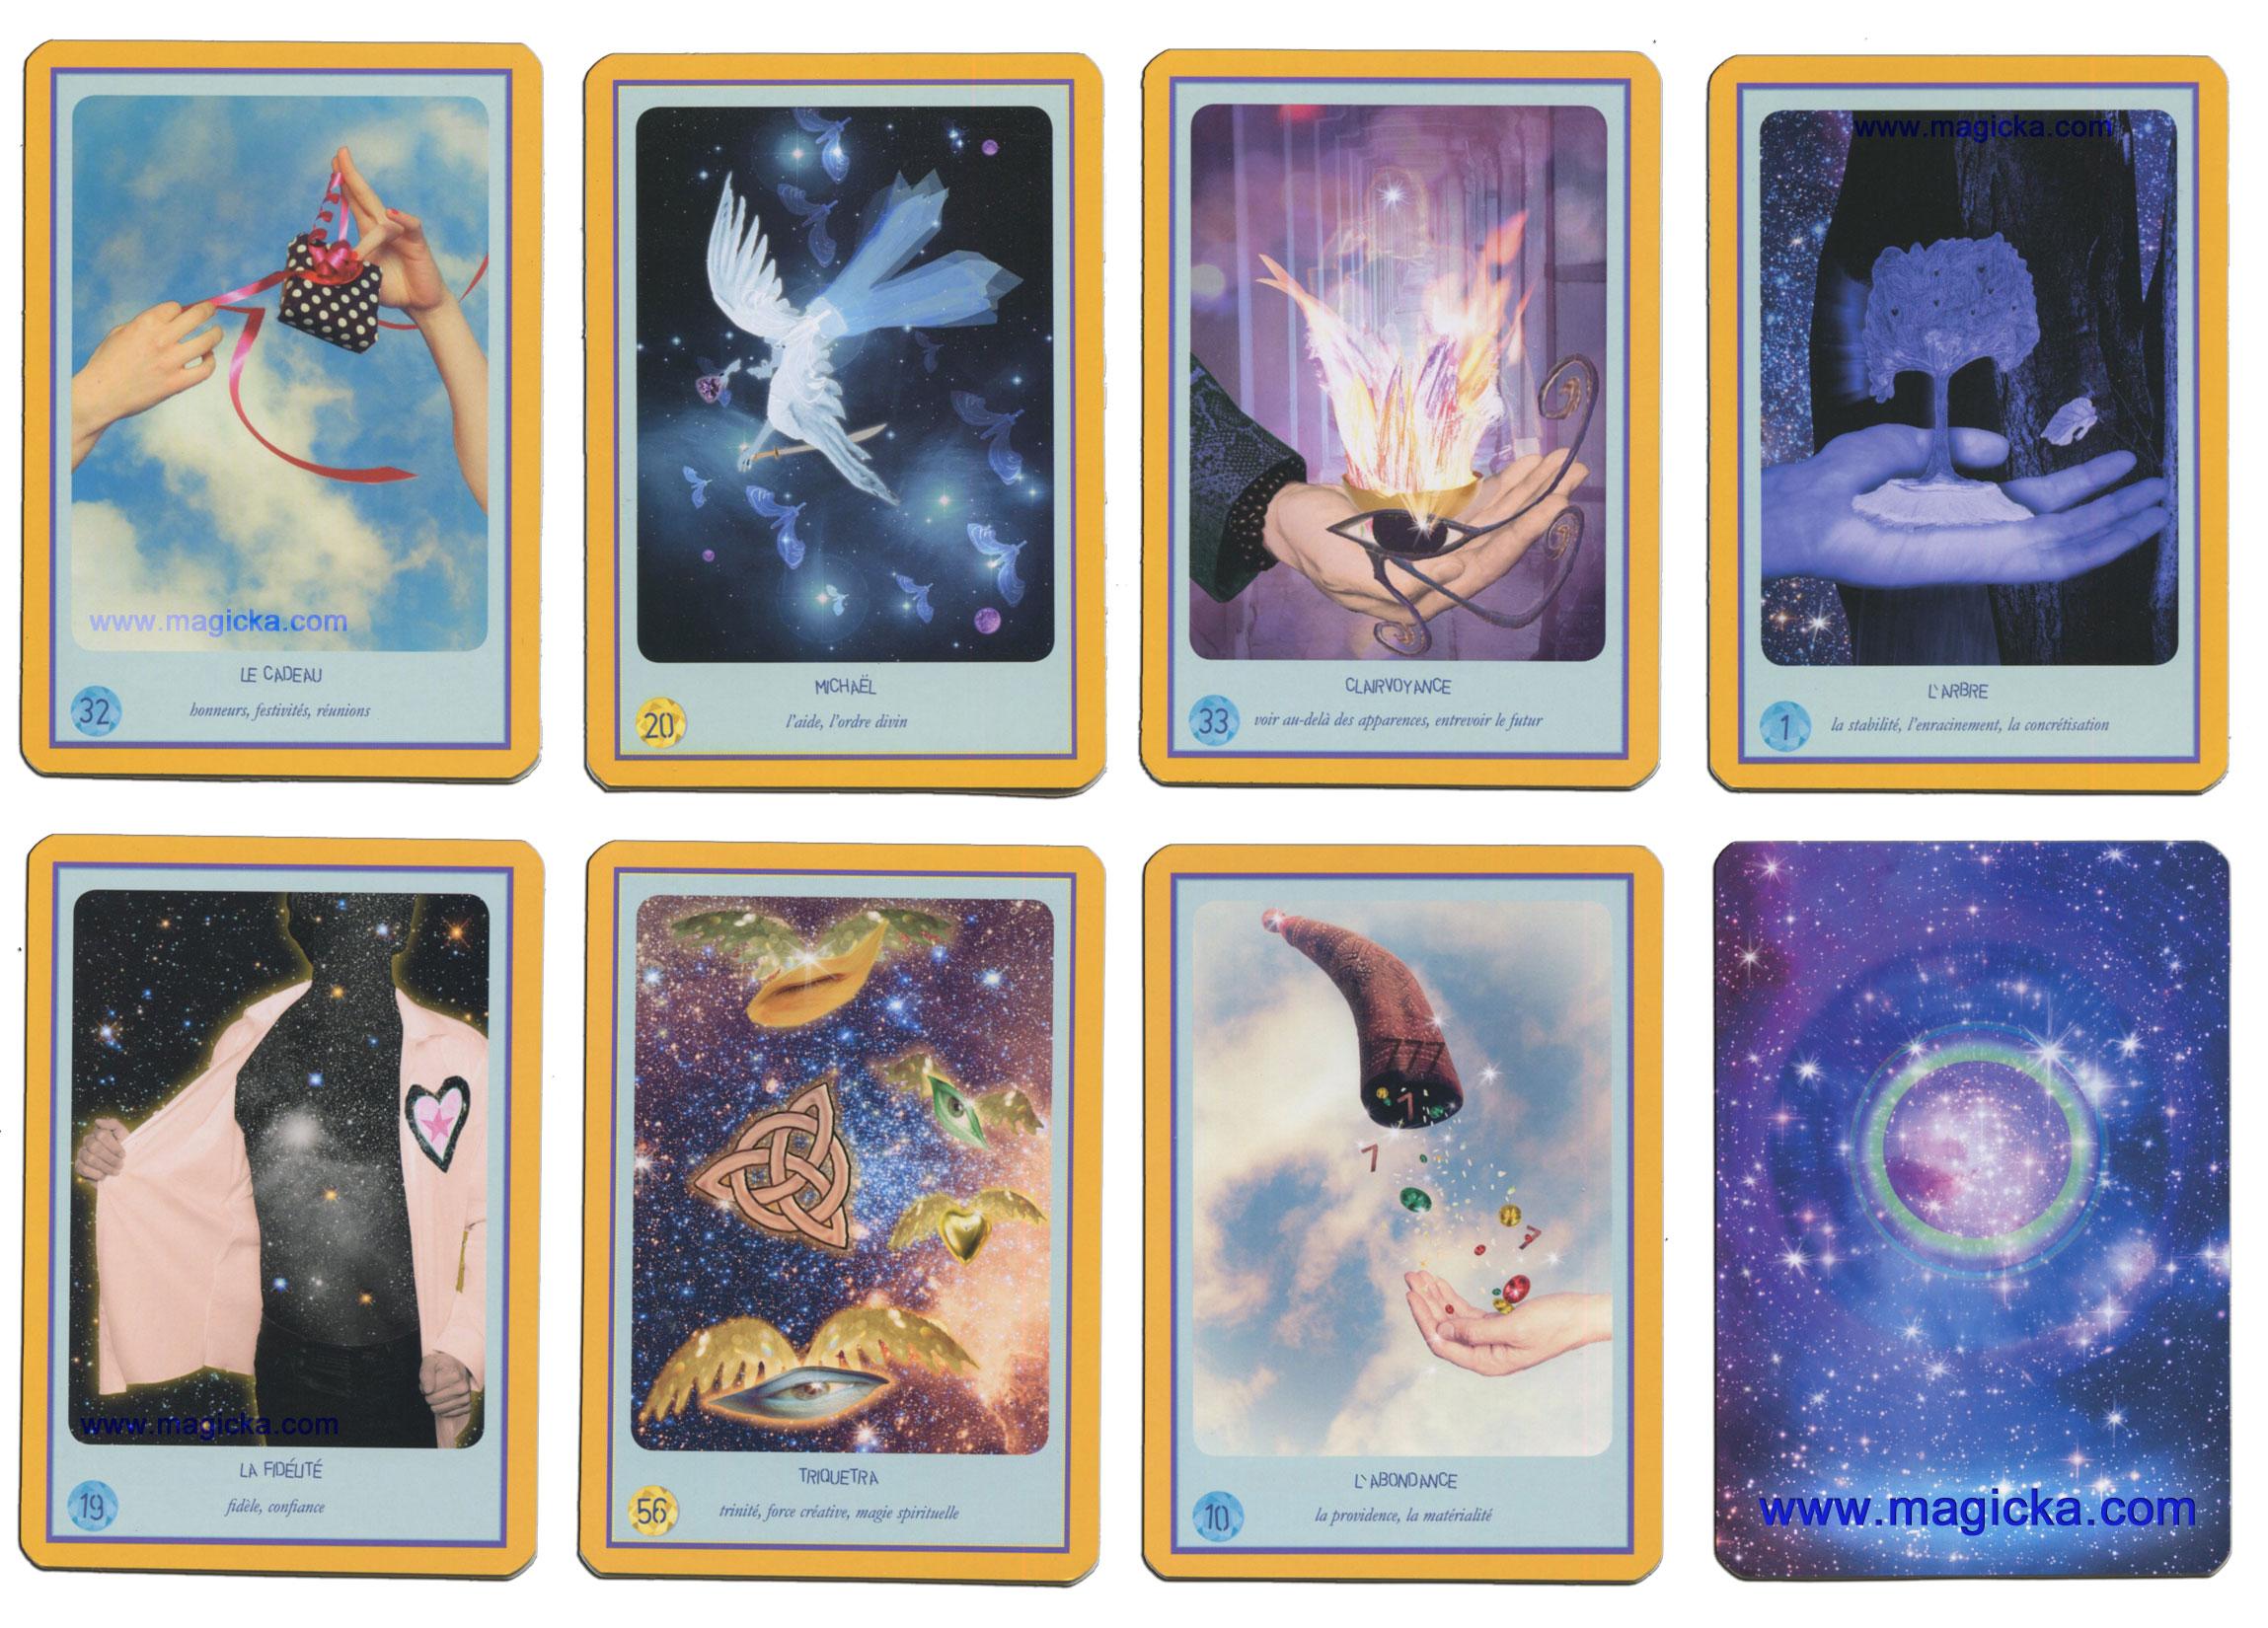 Oracle divinatoire jeu de cartomancie - Tirage en coupe 52 cartes ...